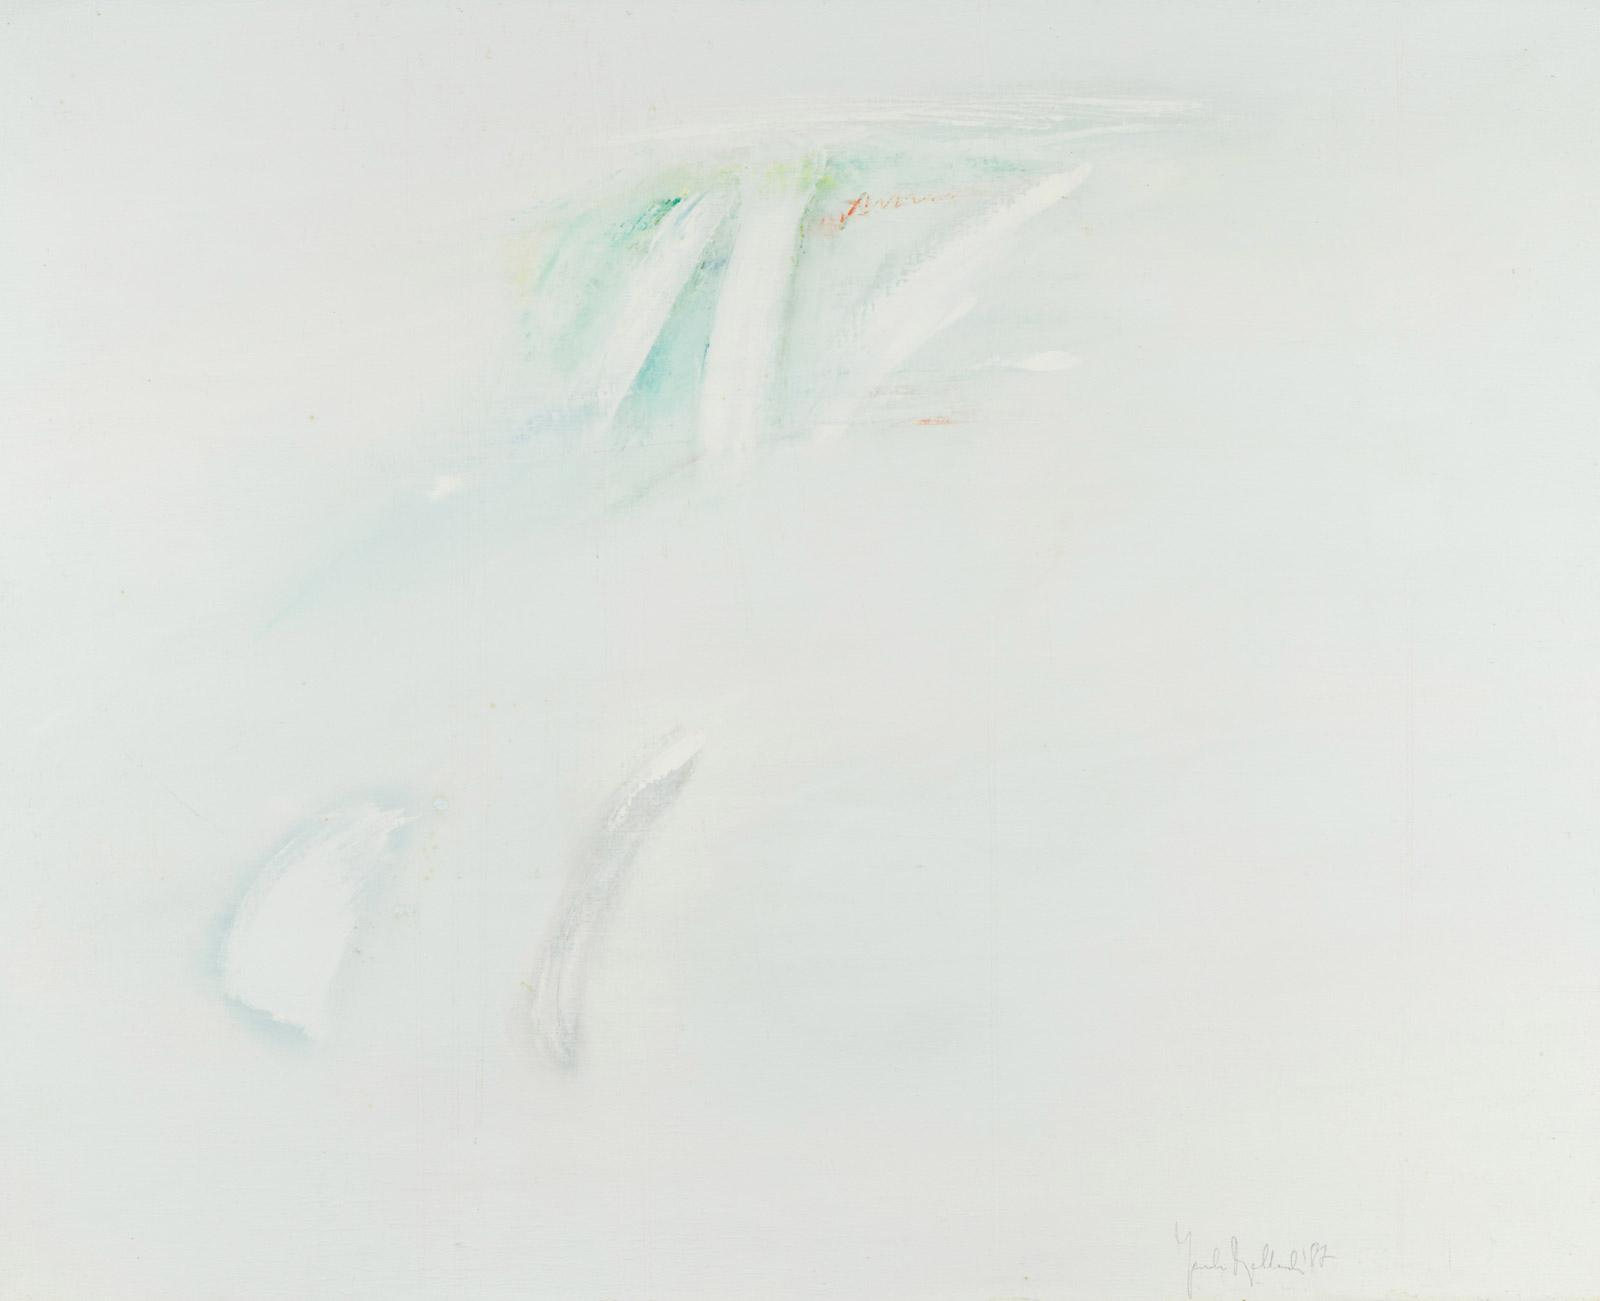 Bez tytułu 1/1987 Jacek Mydlarski